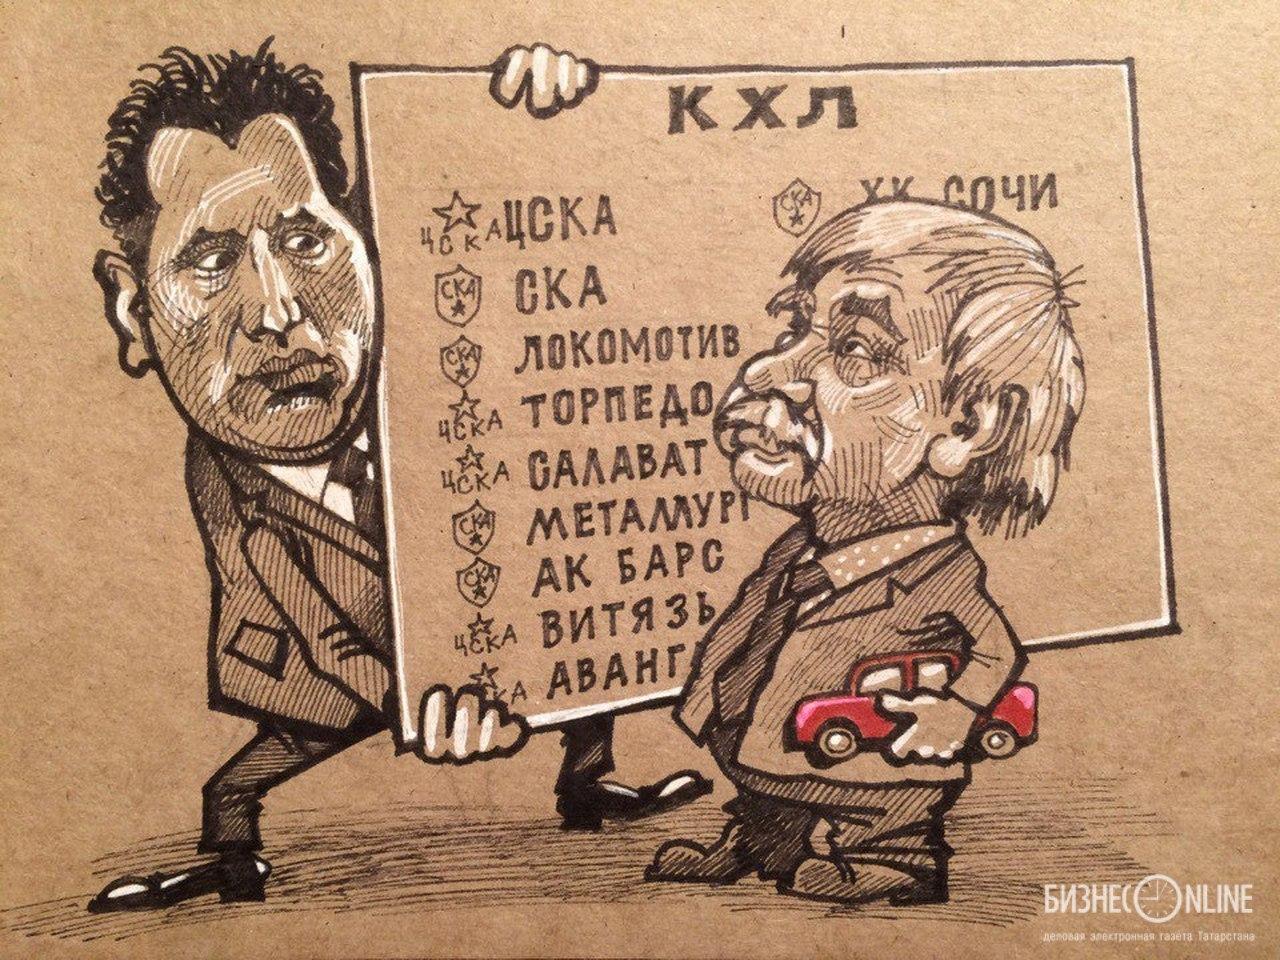 Как видит КХЛ главный тренер сборной России Олег Знарок. Карикатура Камиля Бузыкаева